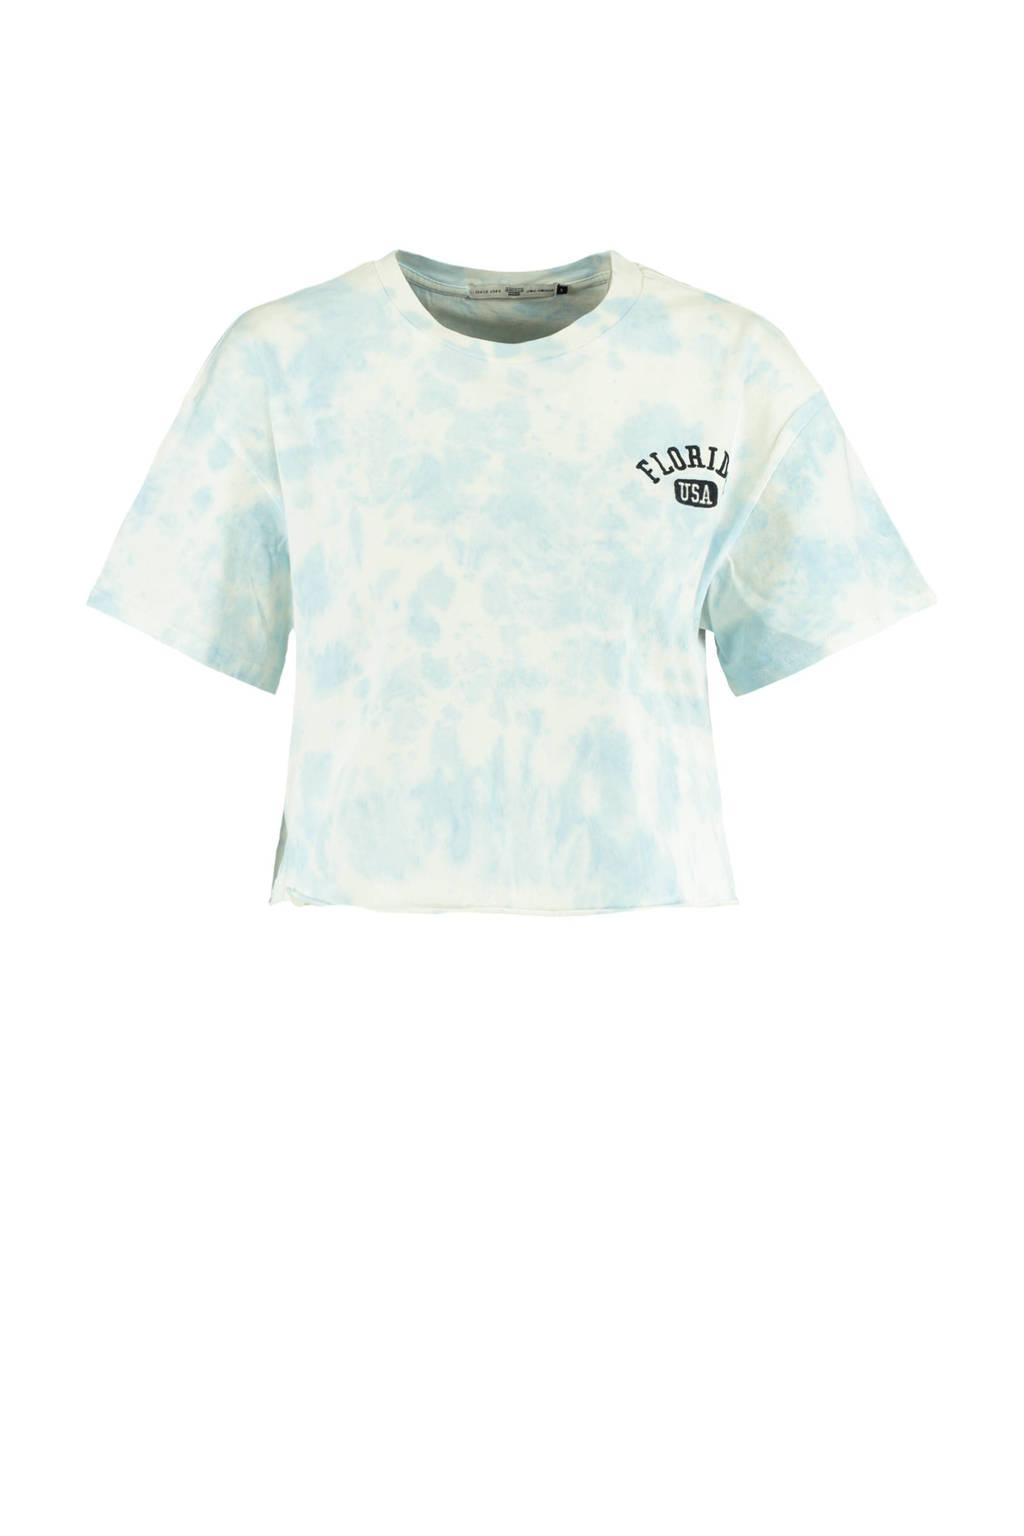 America Today tie-dye T-shirt lichtblauw, Lichtblauw